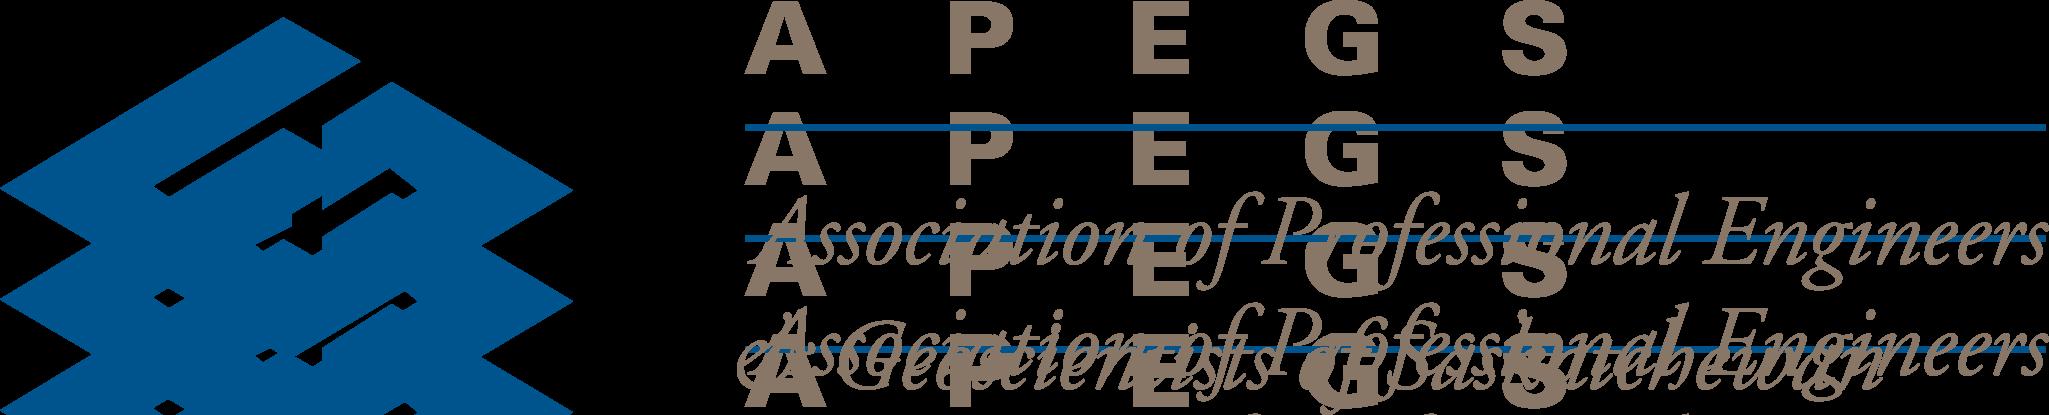 APEGS LOGO (541-WG10).png